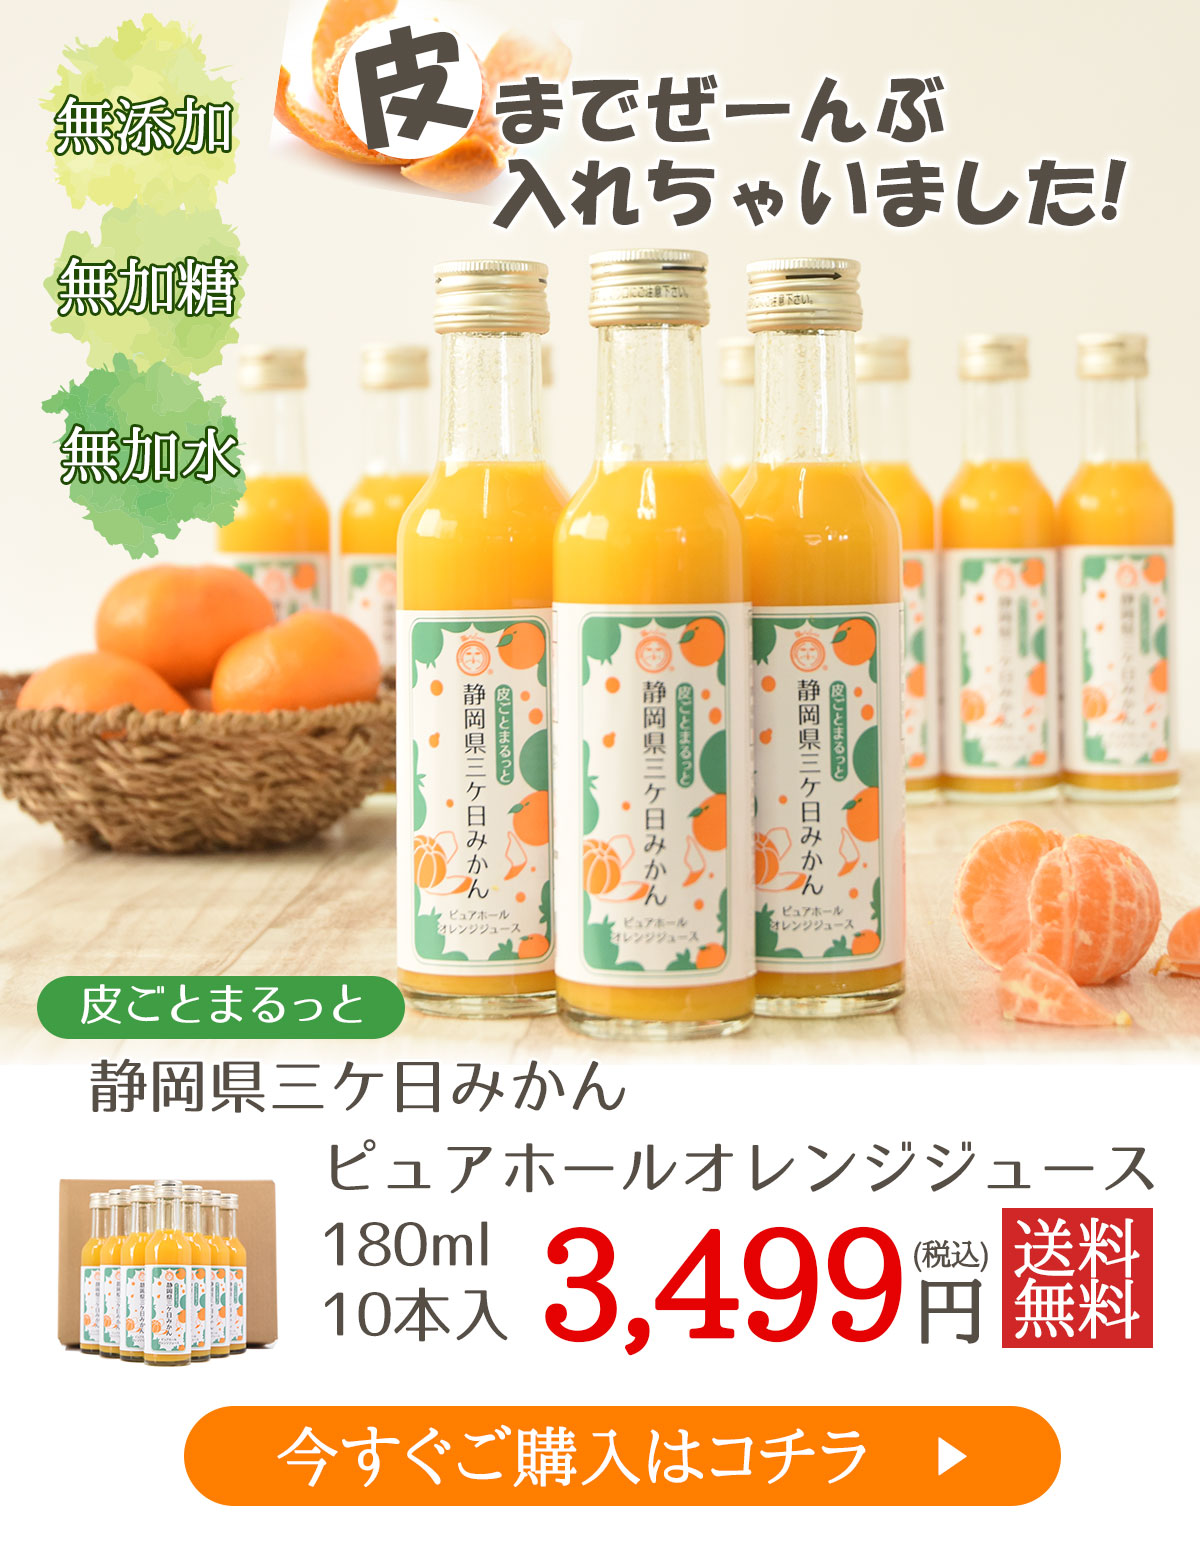 皮ごとまるっと 静岡県産三ケ日みかんピュアホールオレンジジュース